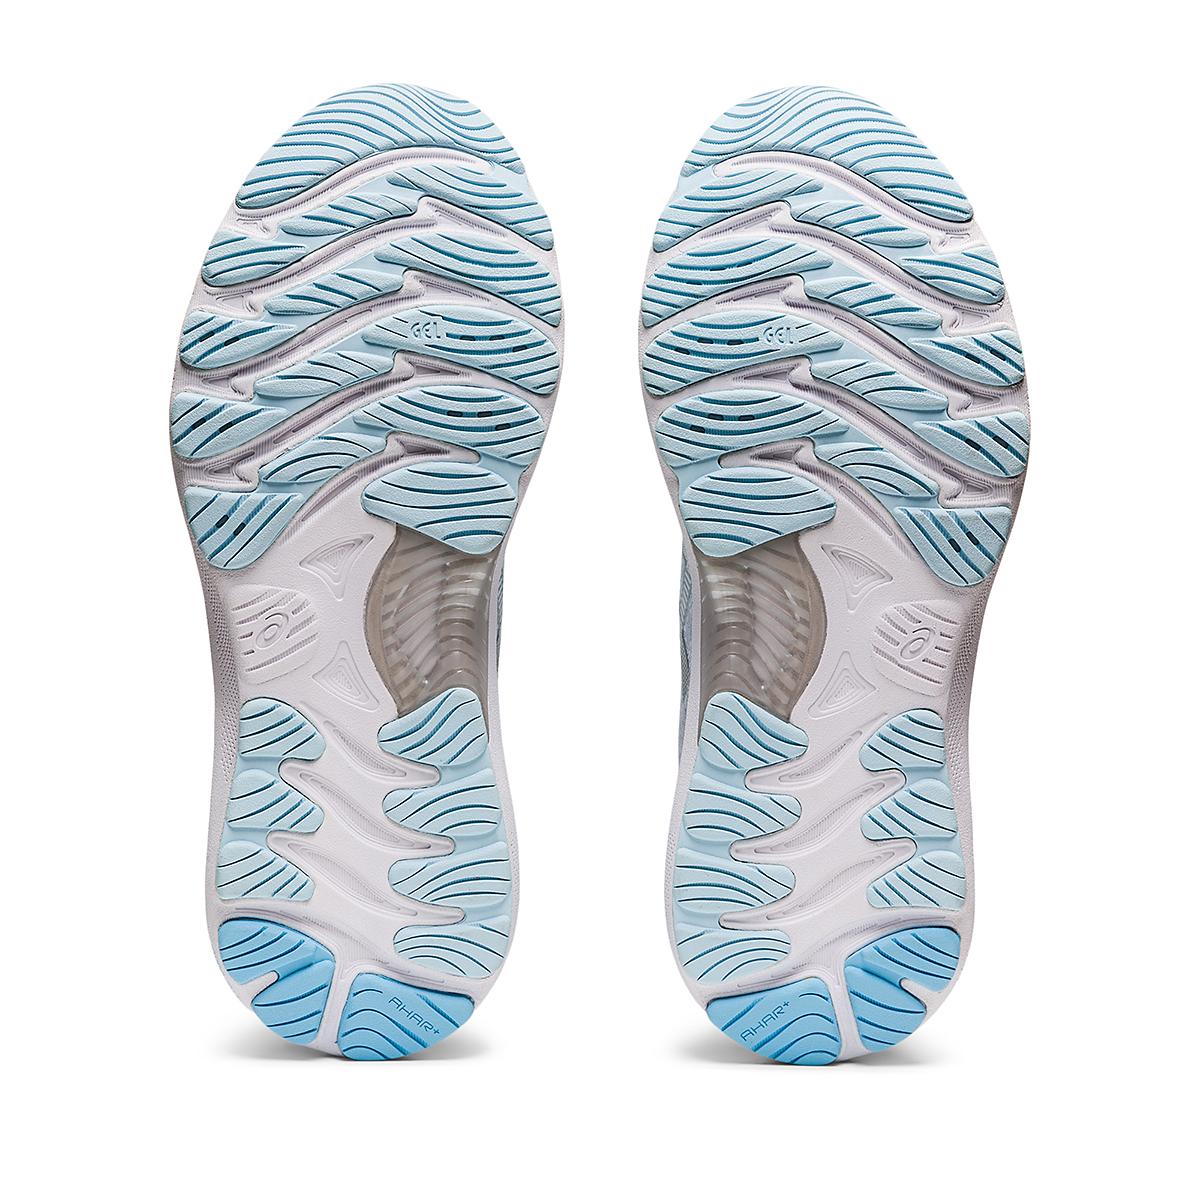 Women's Asics Gel-Nimbus 23 Running Shoe - Color: Aqua Angel/Pure - Size: 5 - Width: Regular, Aqua Angel/Pure, large, image 6